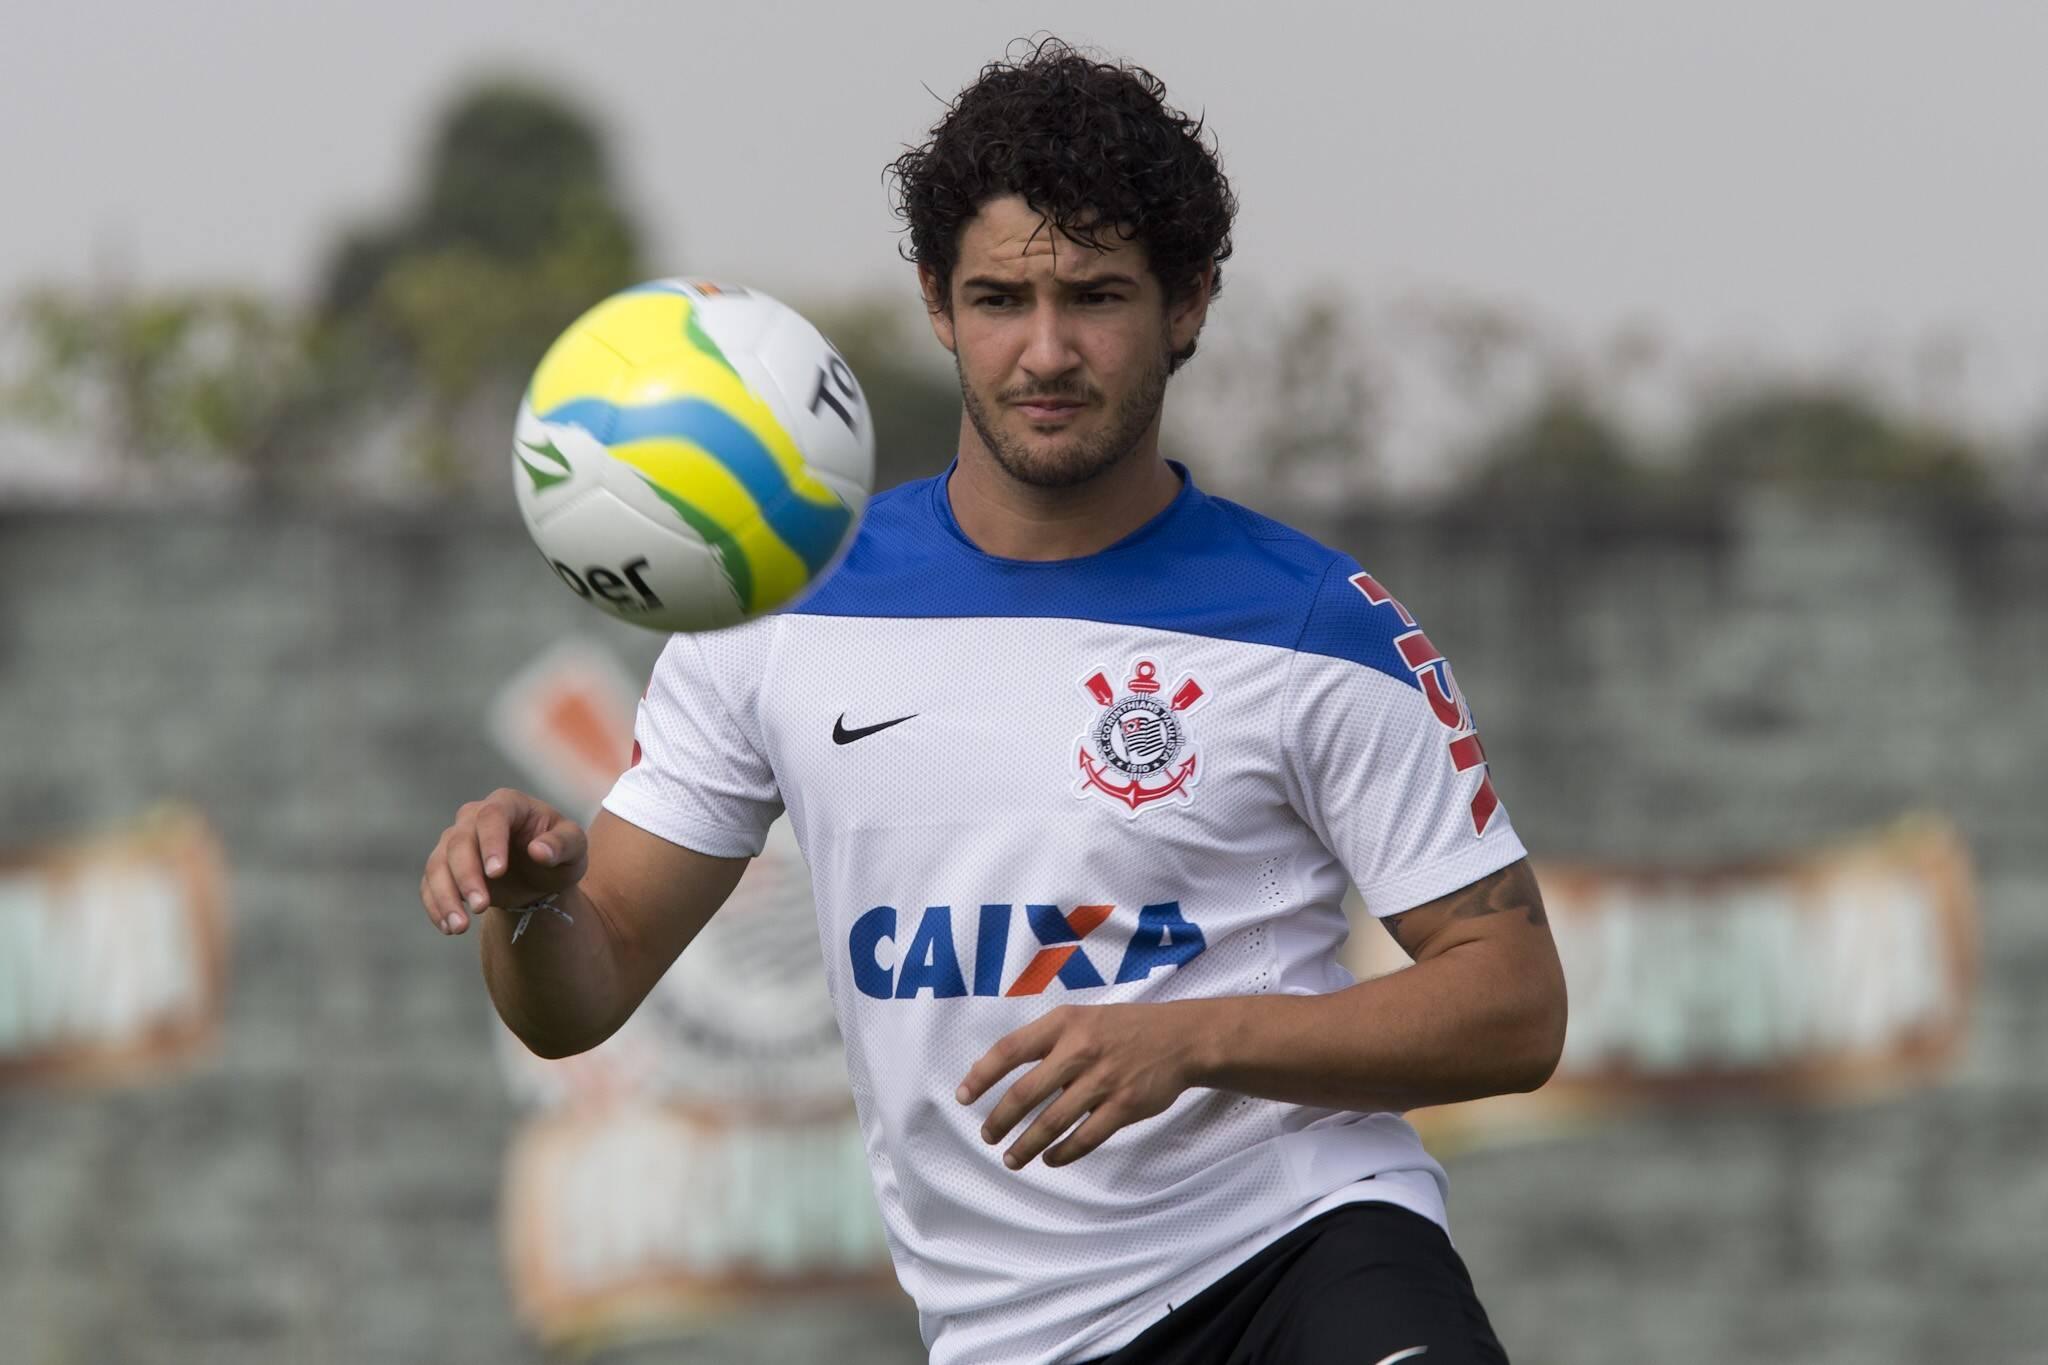 Alexandre Pato será mais um jogador a vestir a camisa de São Paulo e Corinthians na história. Foto: Daniel Augusto Jr./Agência Corinthians